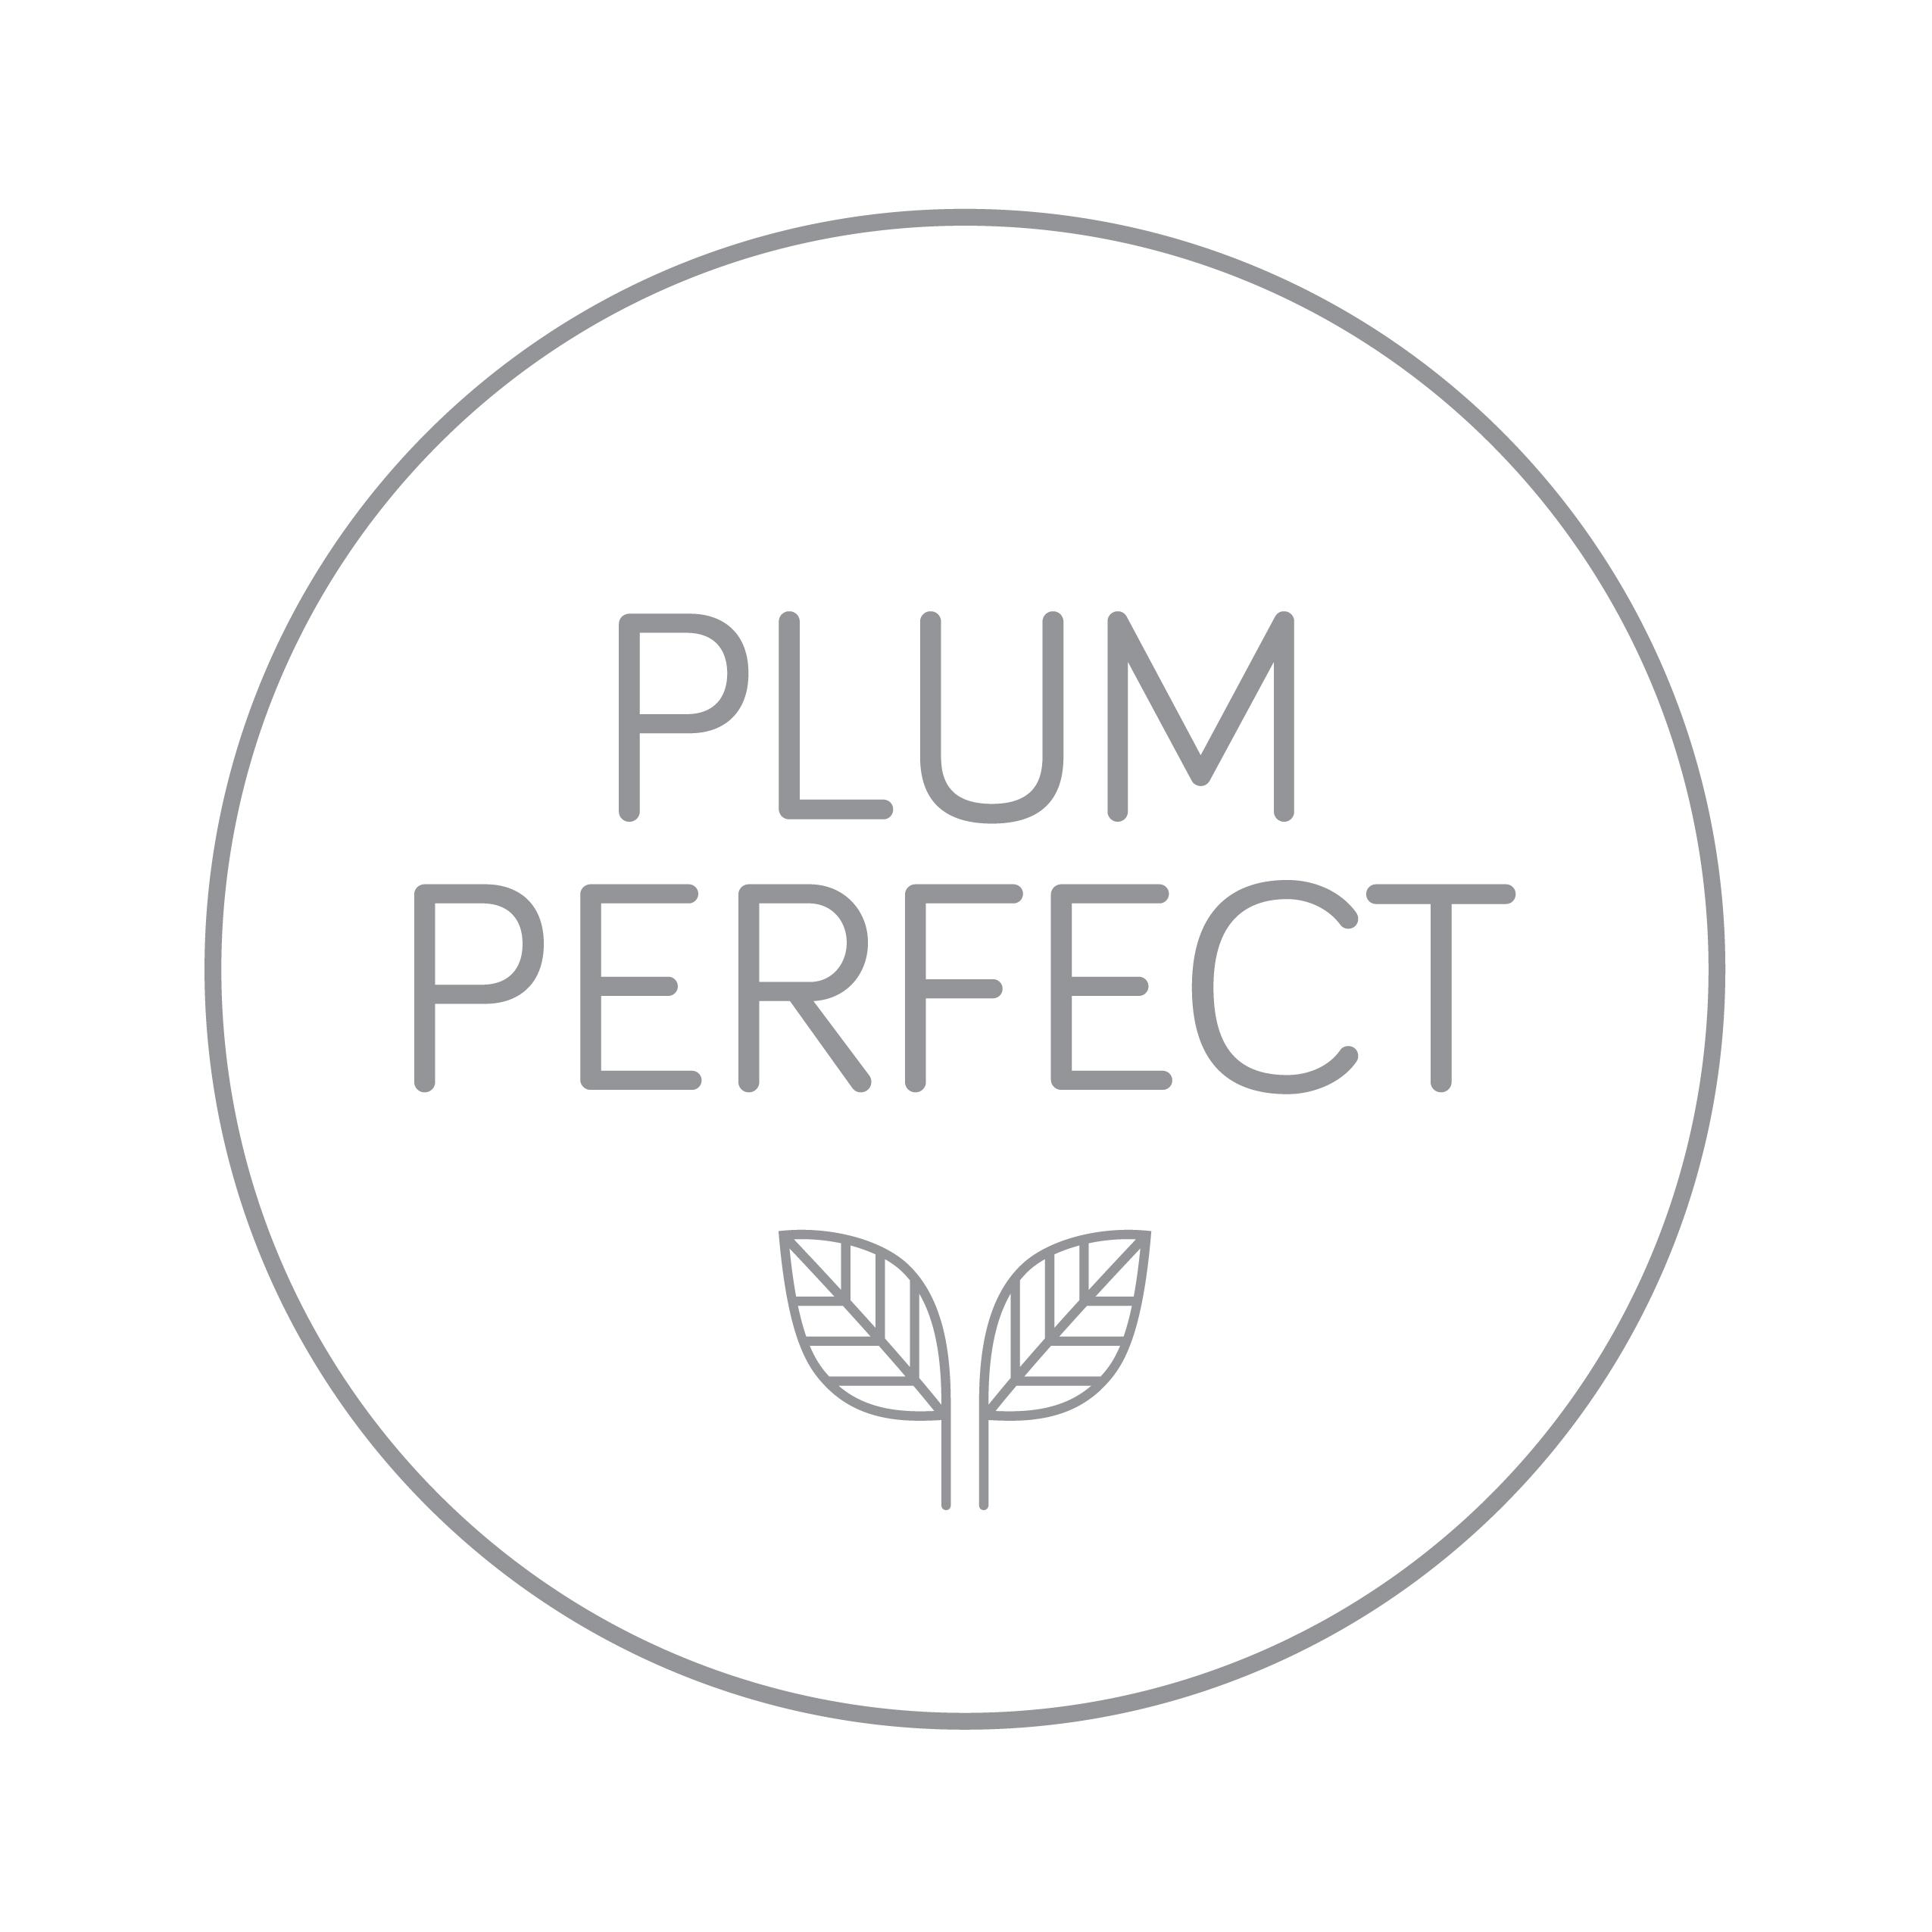 Plum Perfect